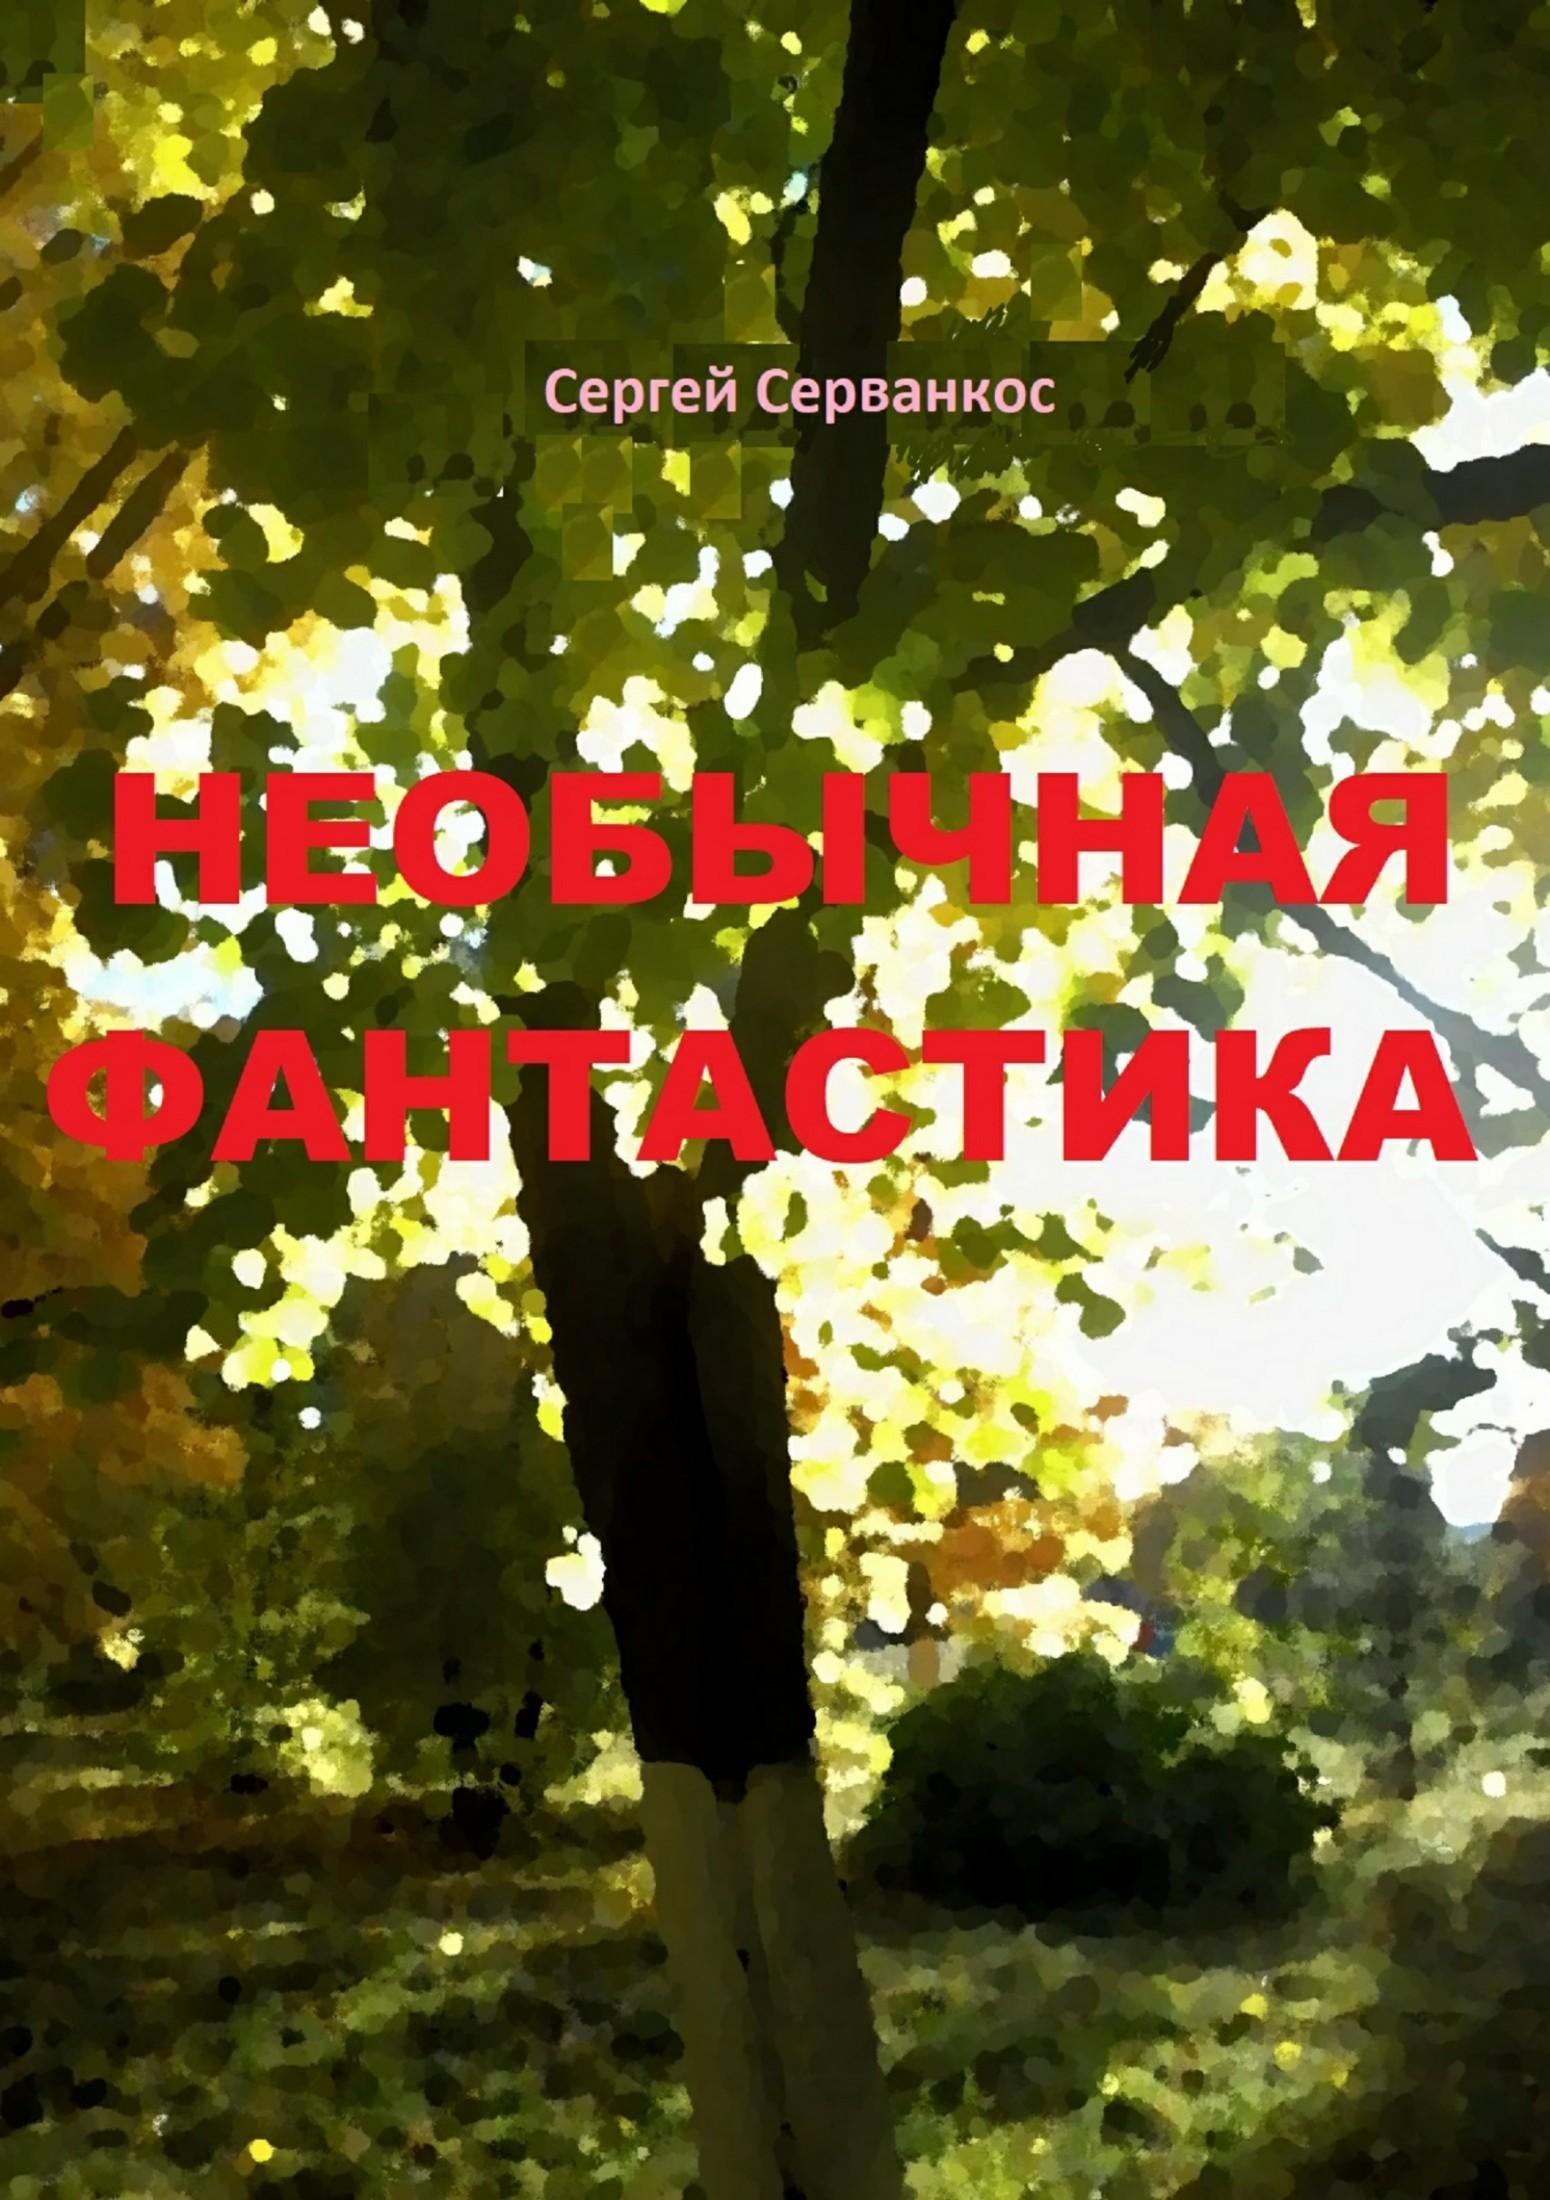 Сергей Иванович Серванкос Необычная фантастика. Повести цены